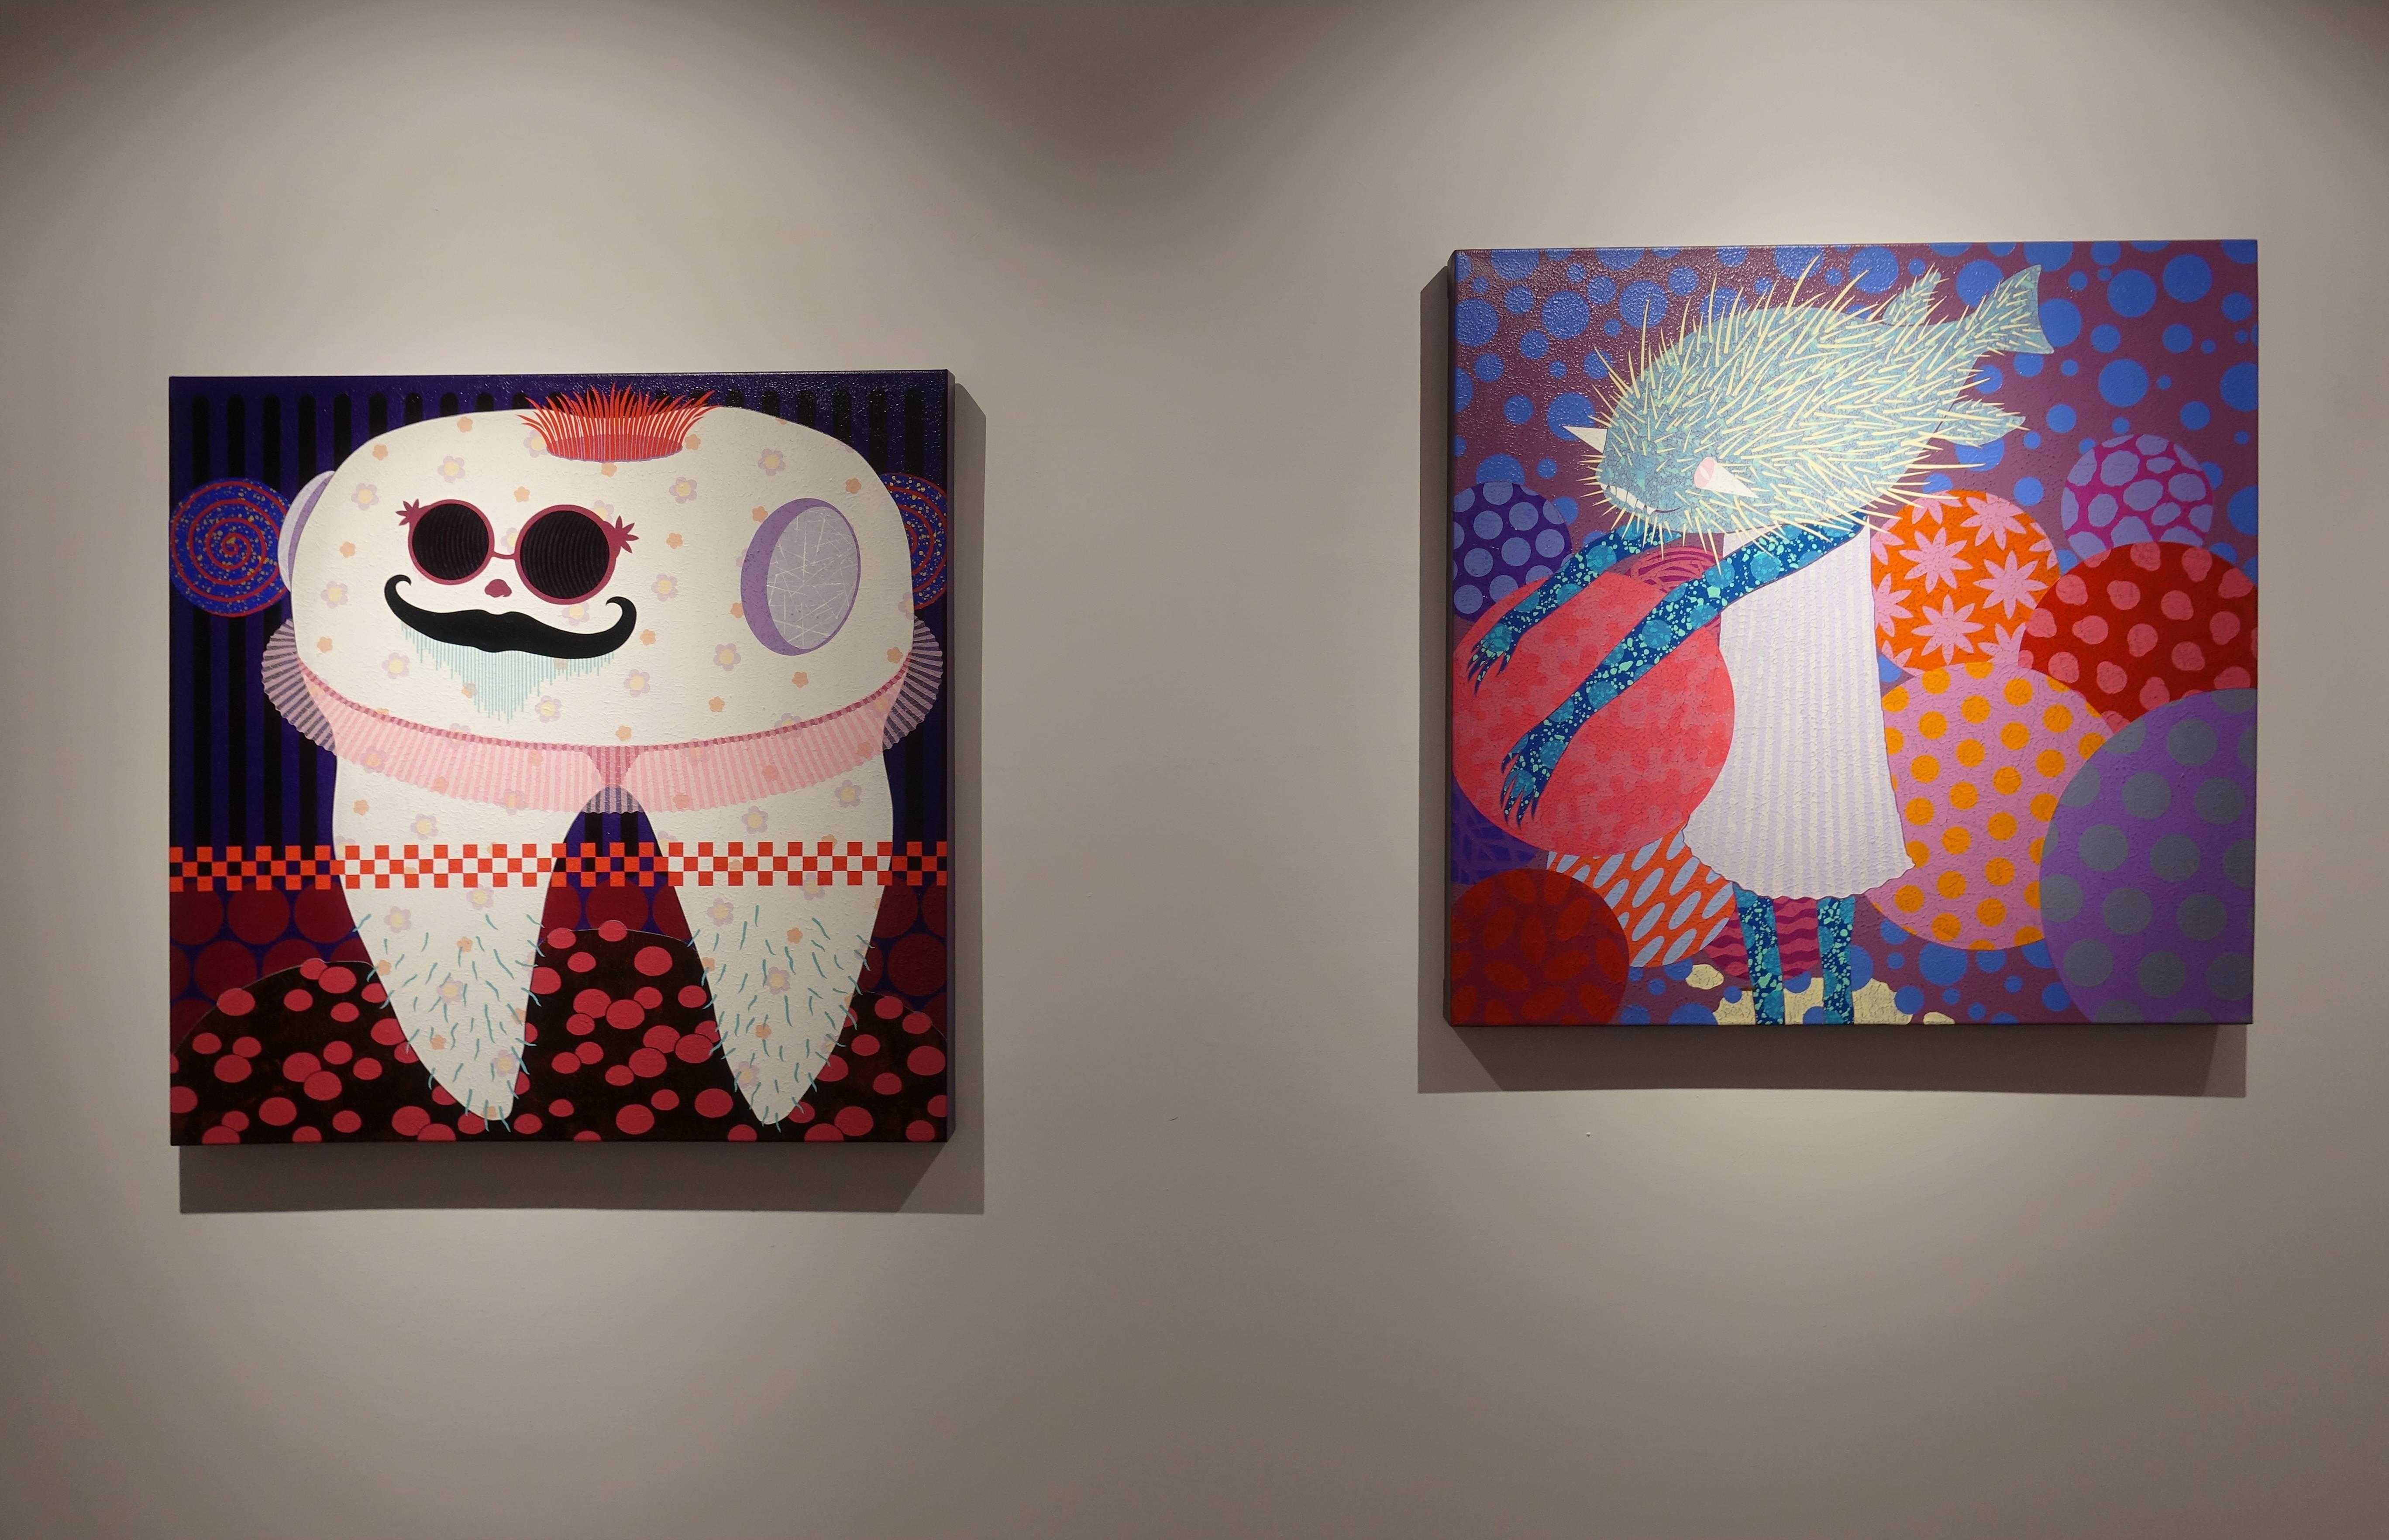 廖堉安,《胖叔的春天Spring of Fat Uncle》,壓克力、畫布,80x80 cm,2017(左)。廖堉安,《膽小鬼進行曲Coward》,壓克力、畫布,80x80 cm,2015(右)。